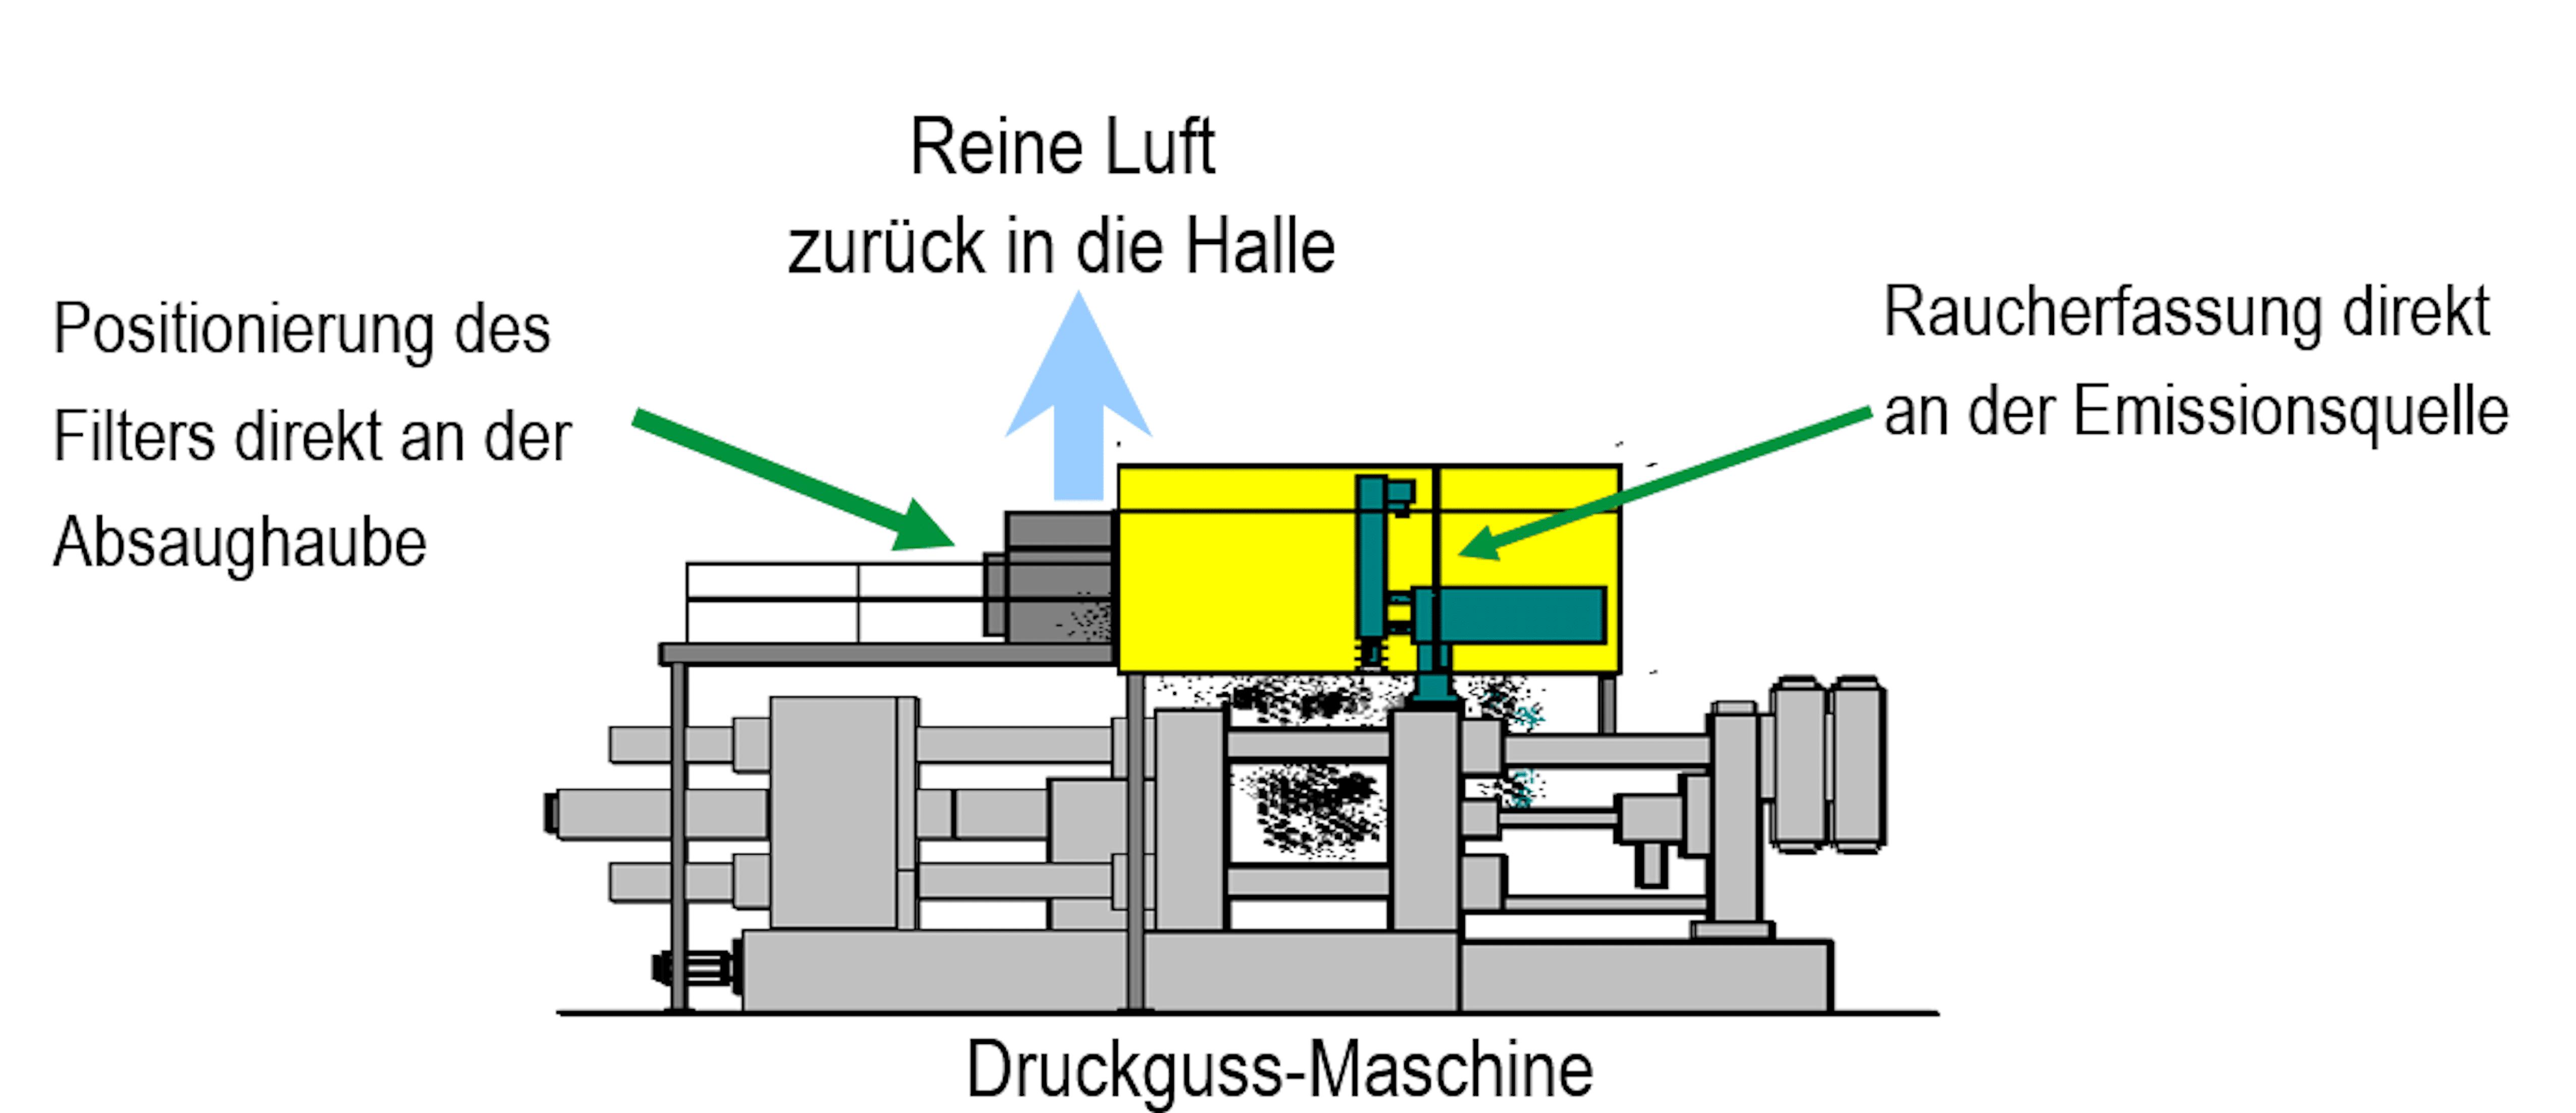 Abbildung Raucherfassung einer Druckguss-Maschine